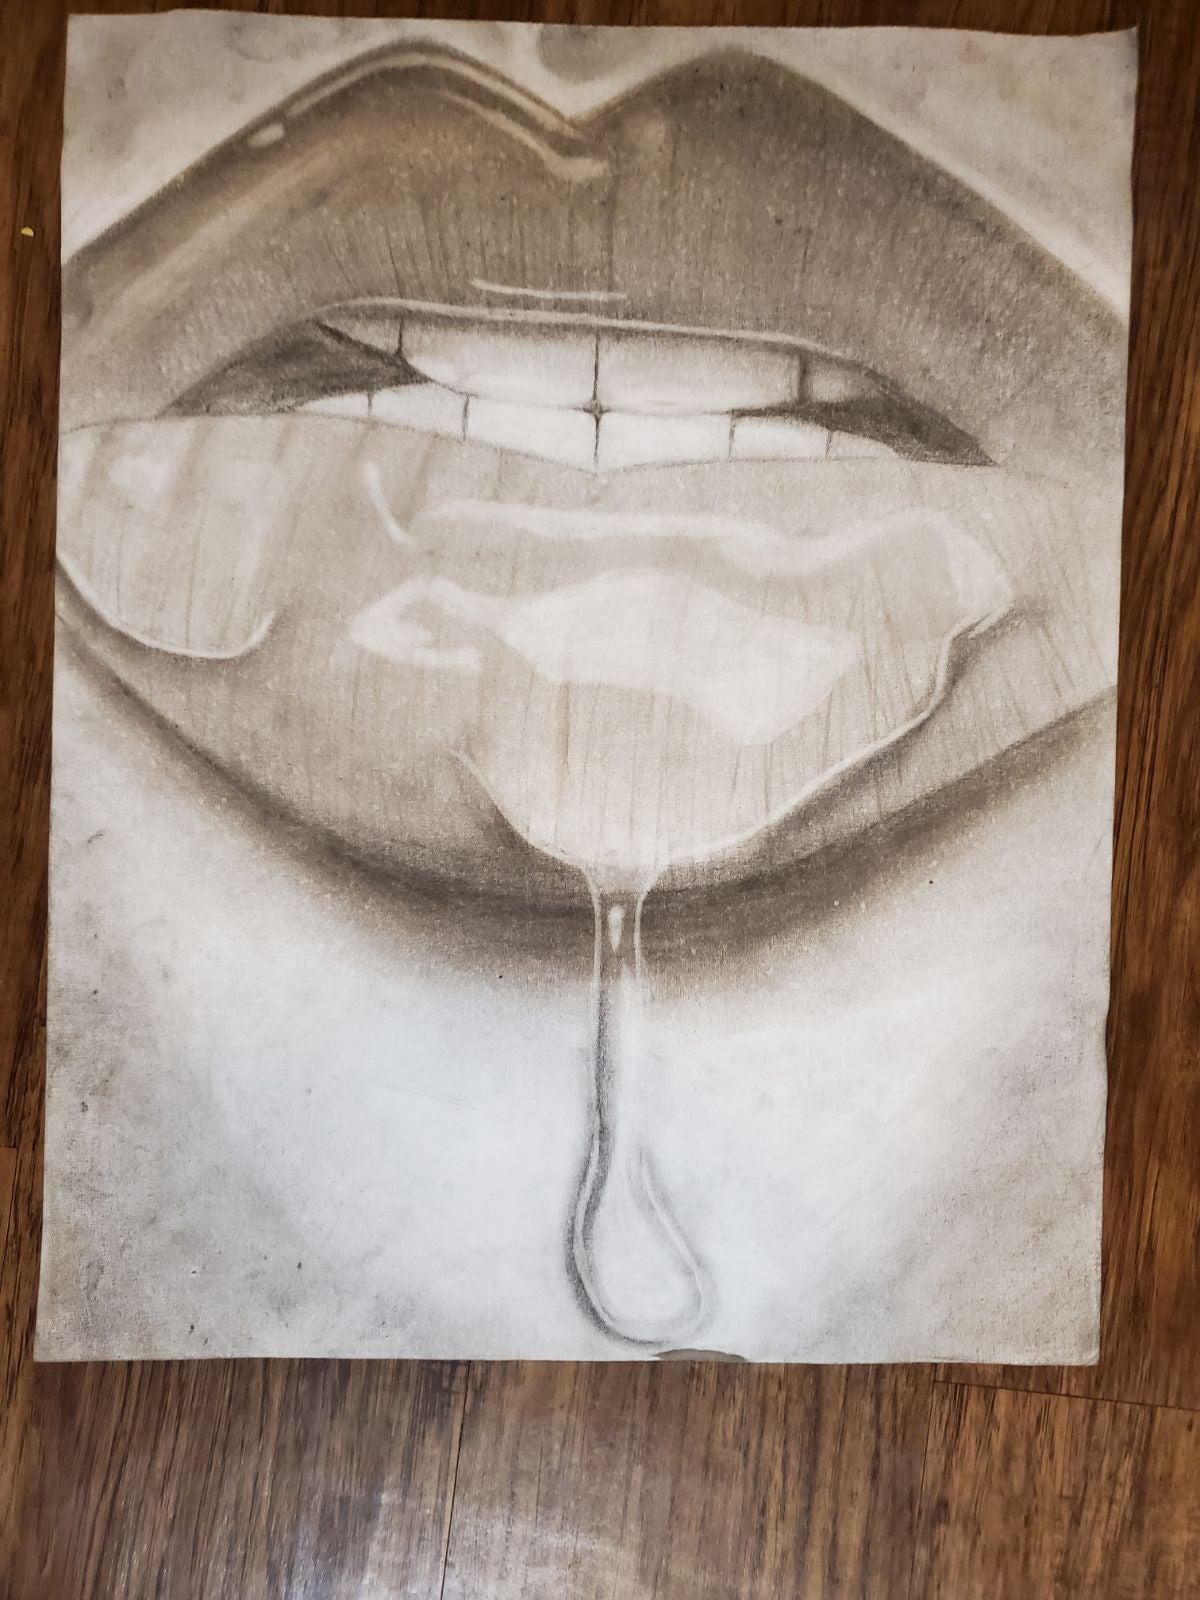 Hand drawn wet lips